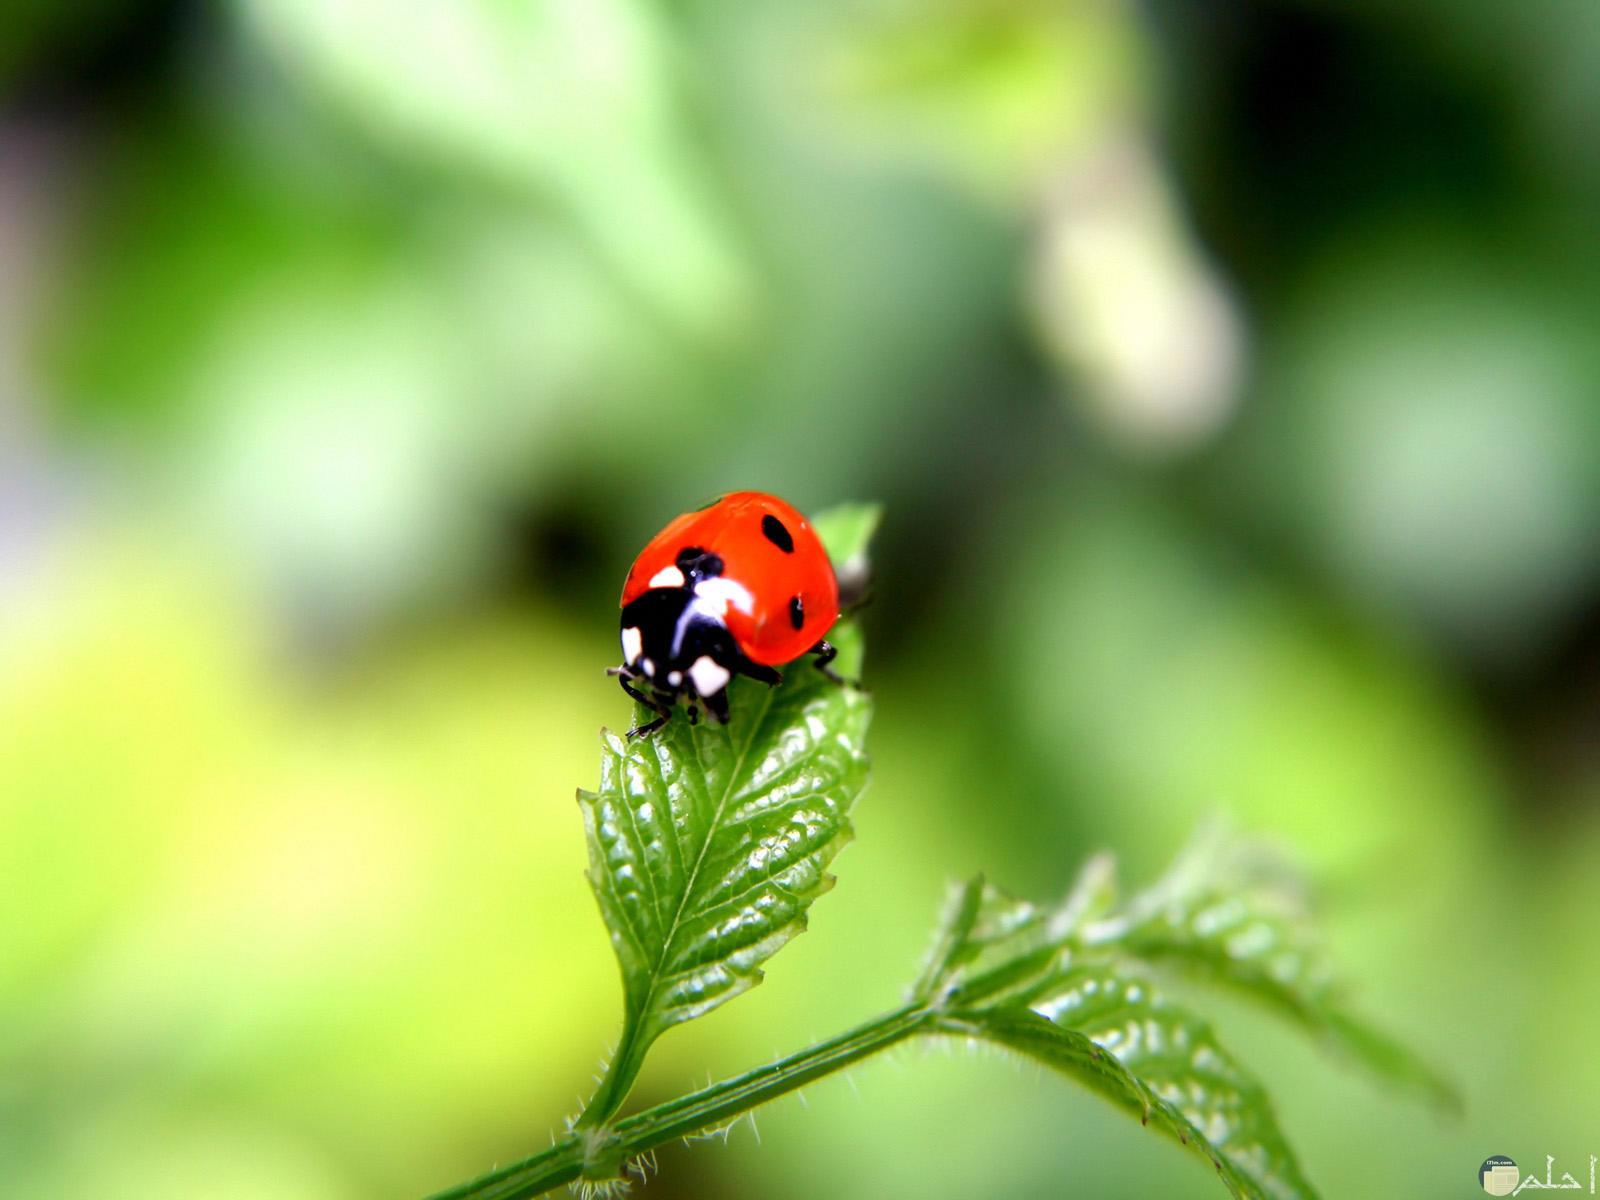 حشرة الدعسوقة بألوانها الزاهية الجميلة.